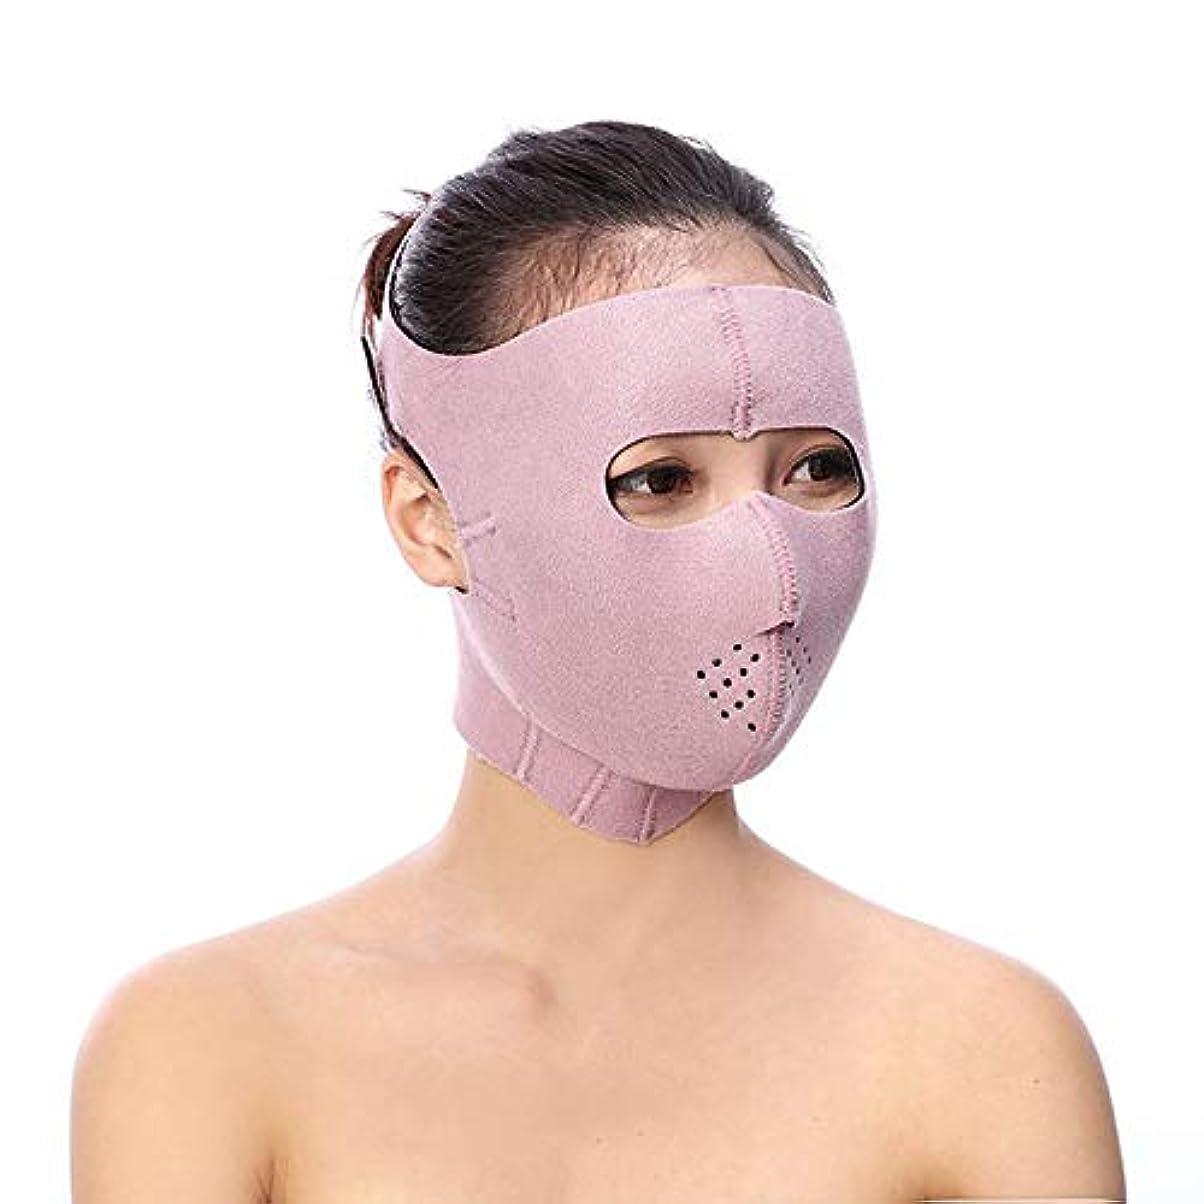 水っぽいただやるサラミJia Jia- フェイシャルリフティング痩身ベルト - Vフェイス包帯マスクフェイシャルマッサージャー無料の薄いフェイス包帯整形マスクを引き締める顔と首の顔スリム 顔面包帯